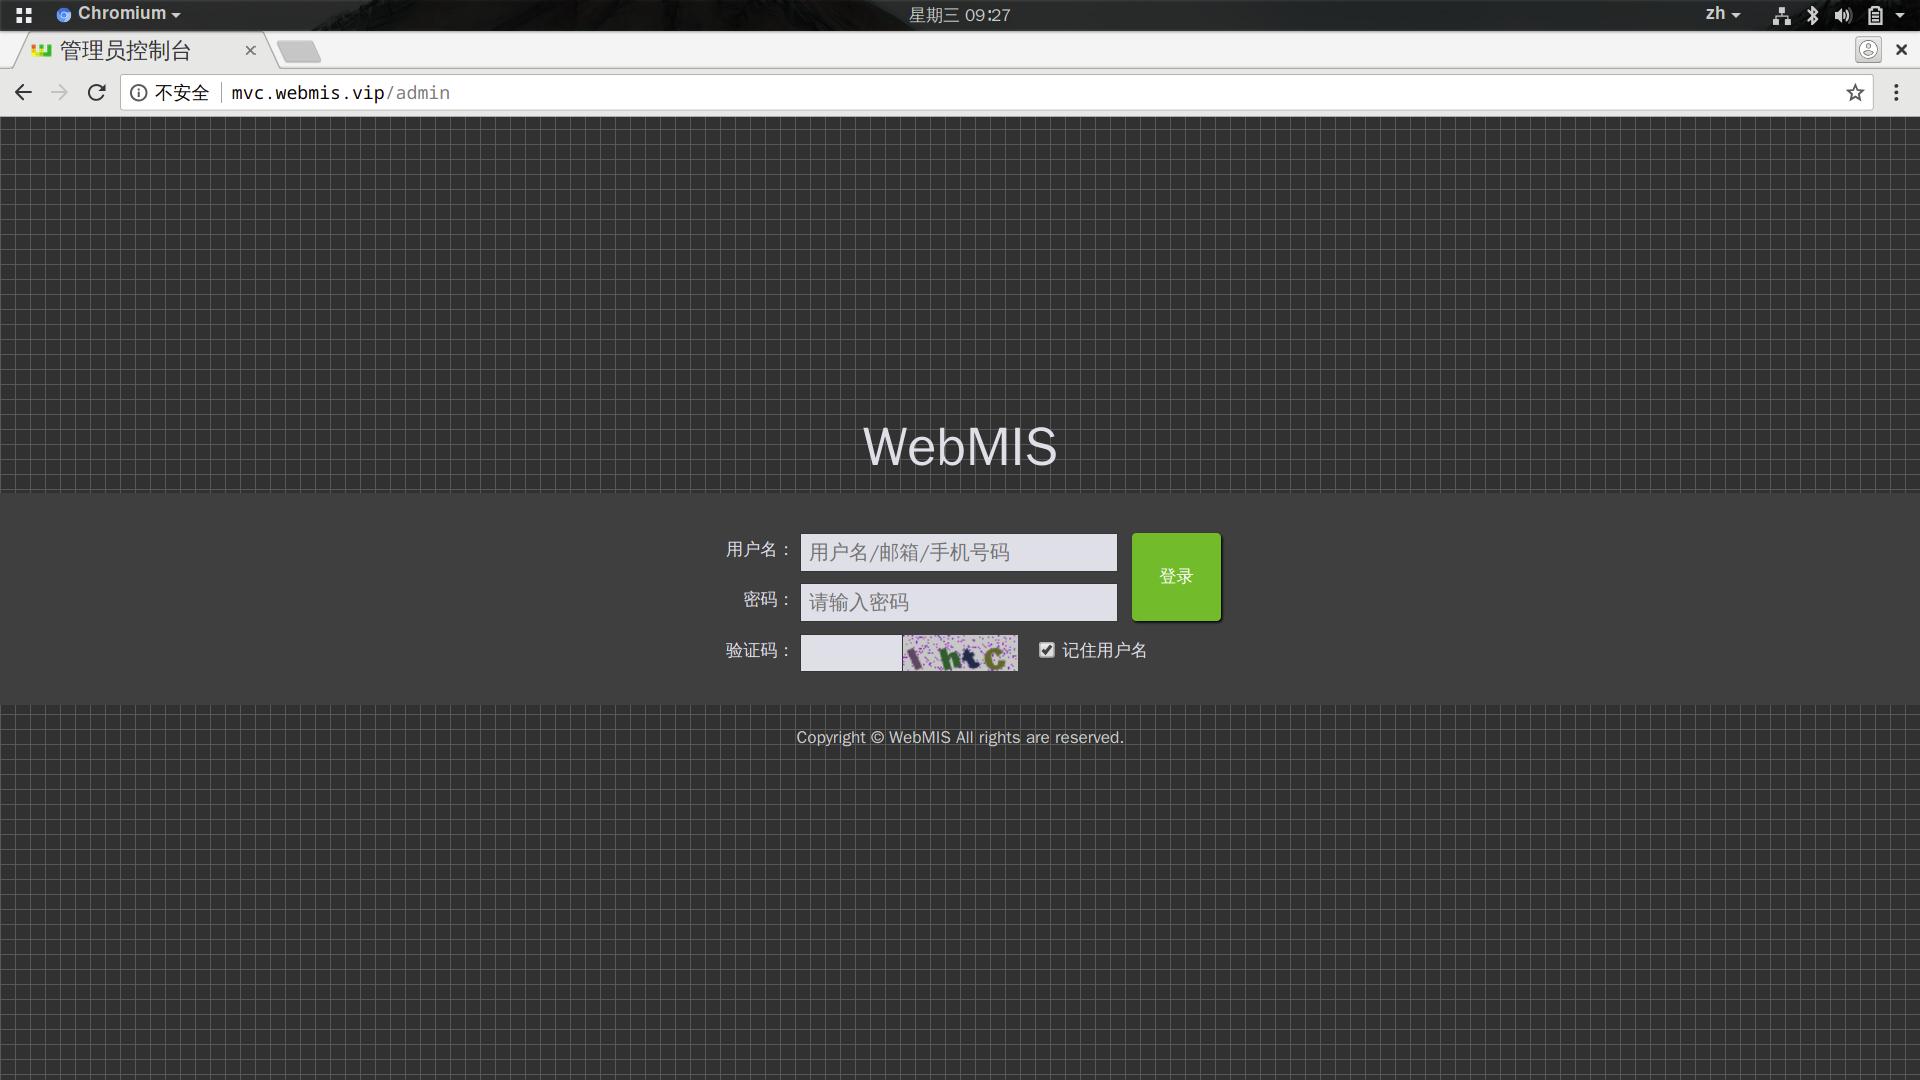 WebMIS